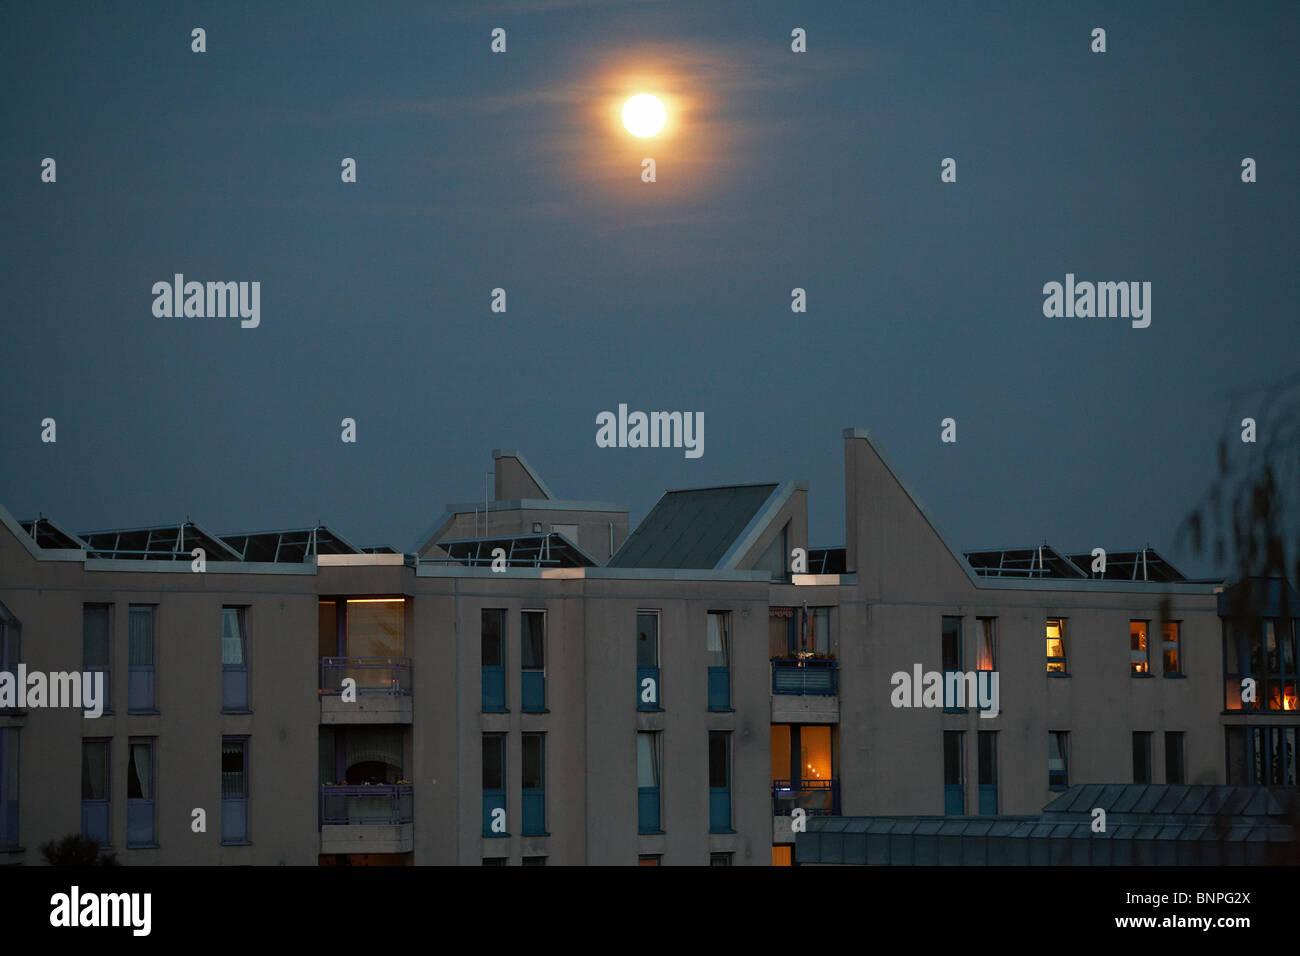 La lune sur un immeuble à Tempelhof, Berlin, Allemagne Banque D'Images